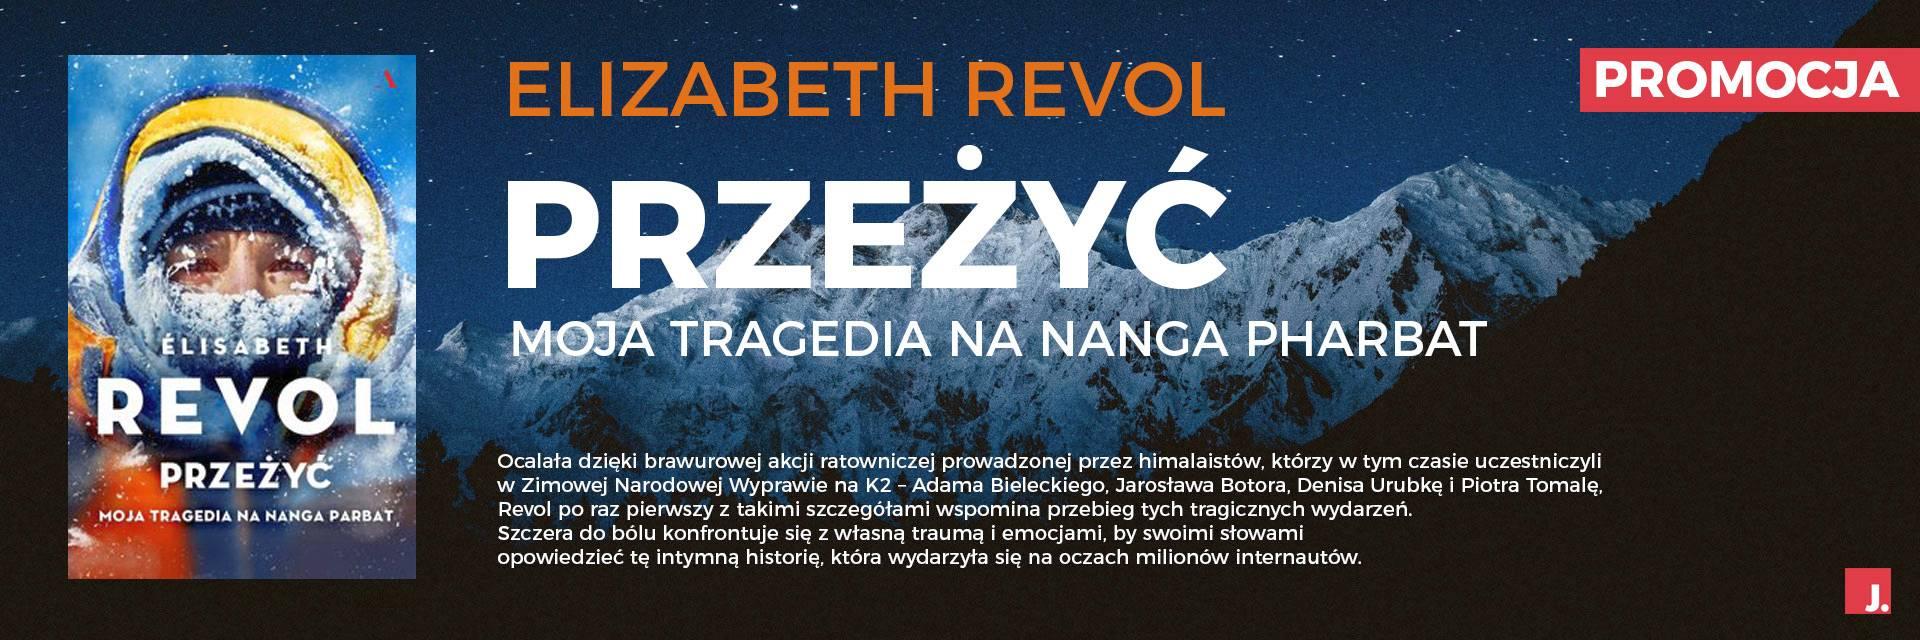 Przeżyć - Elizabeth Revol